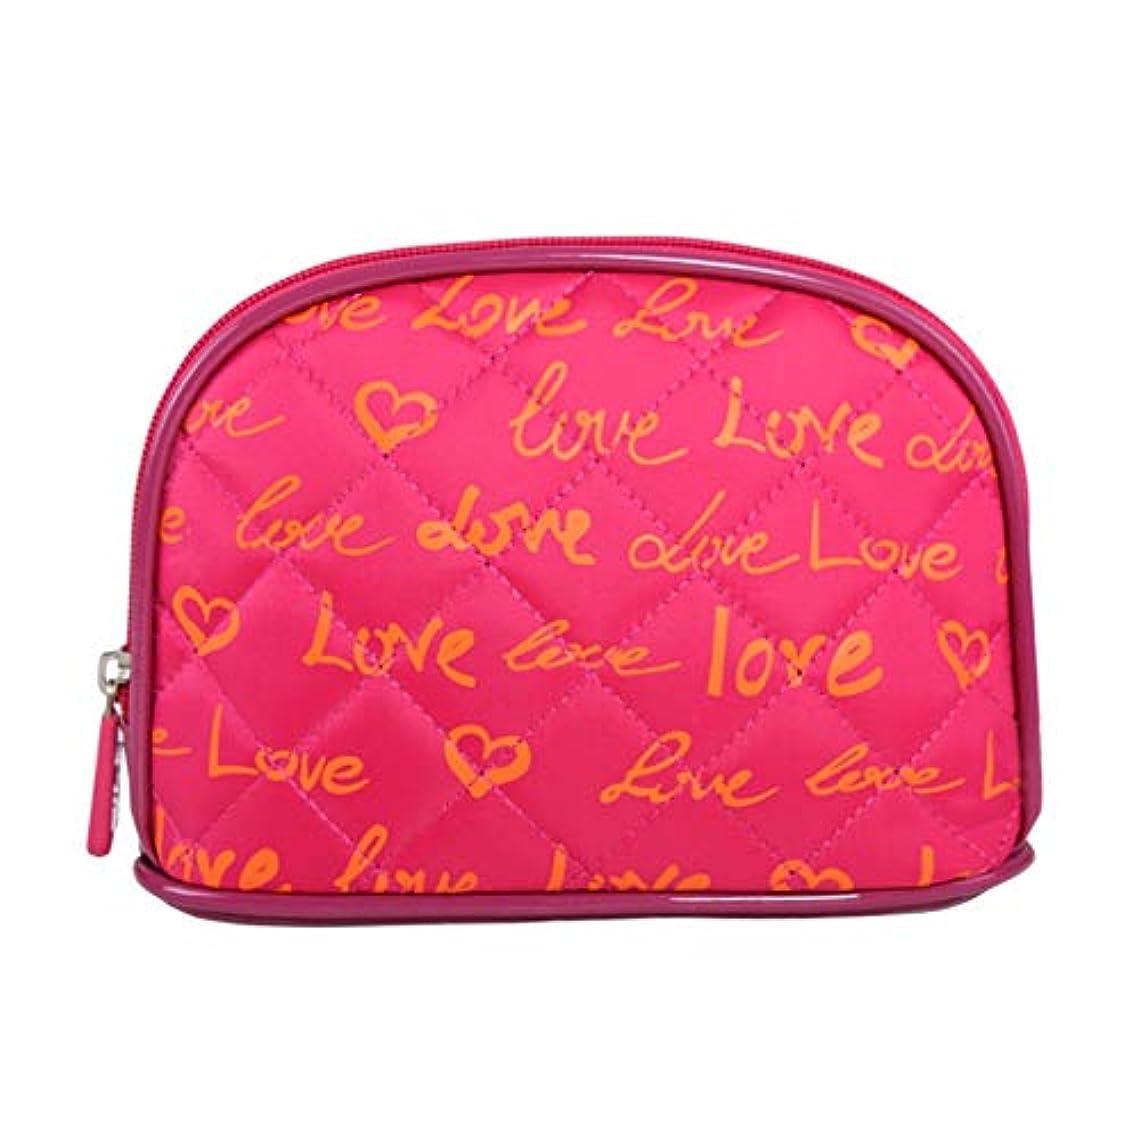 役割朝ごはん侵入化粧オーガナイザーバッグ ポータブル防水化粧品袋印刷トップジッパーメークアップの場合旅行 化粧品ケース (色 : 赤)